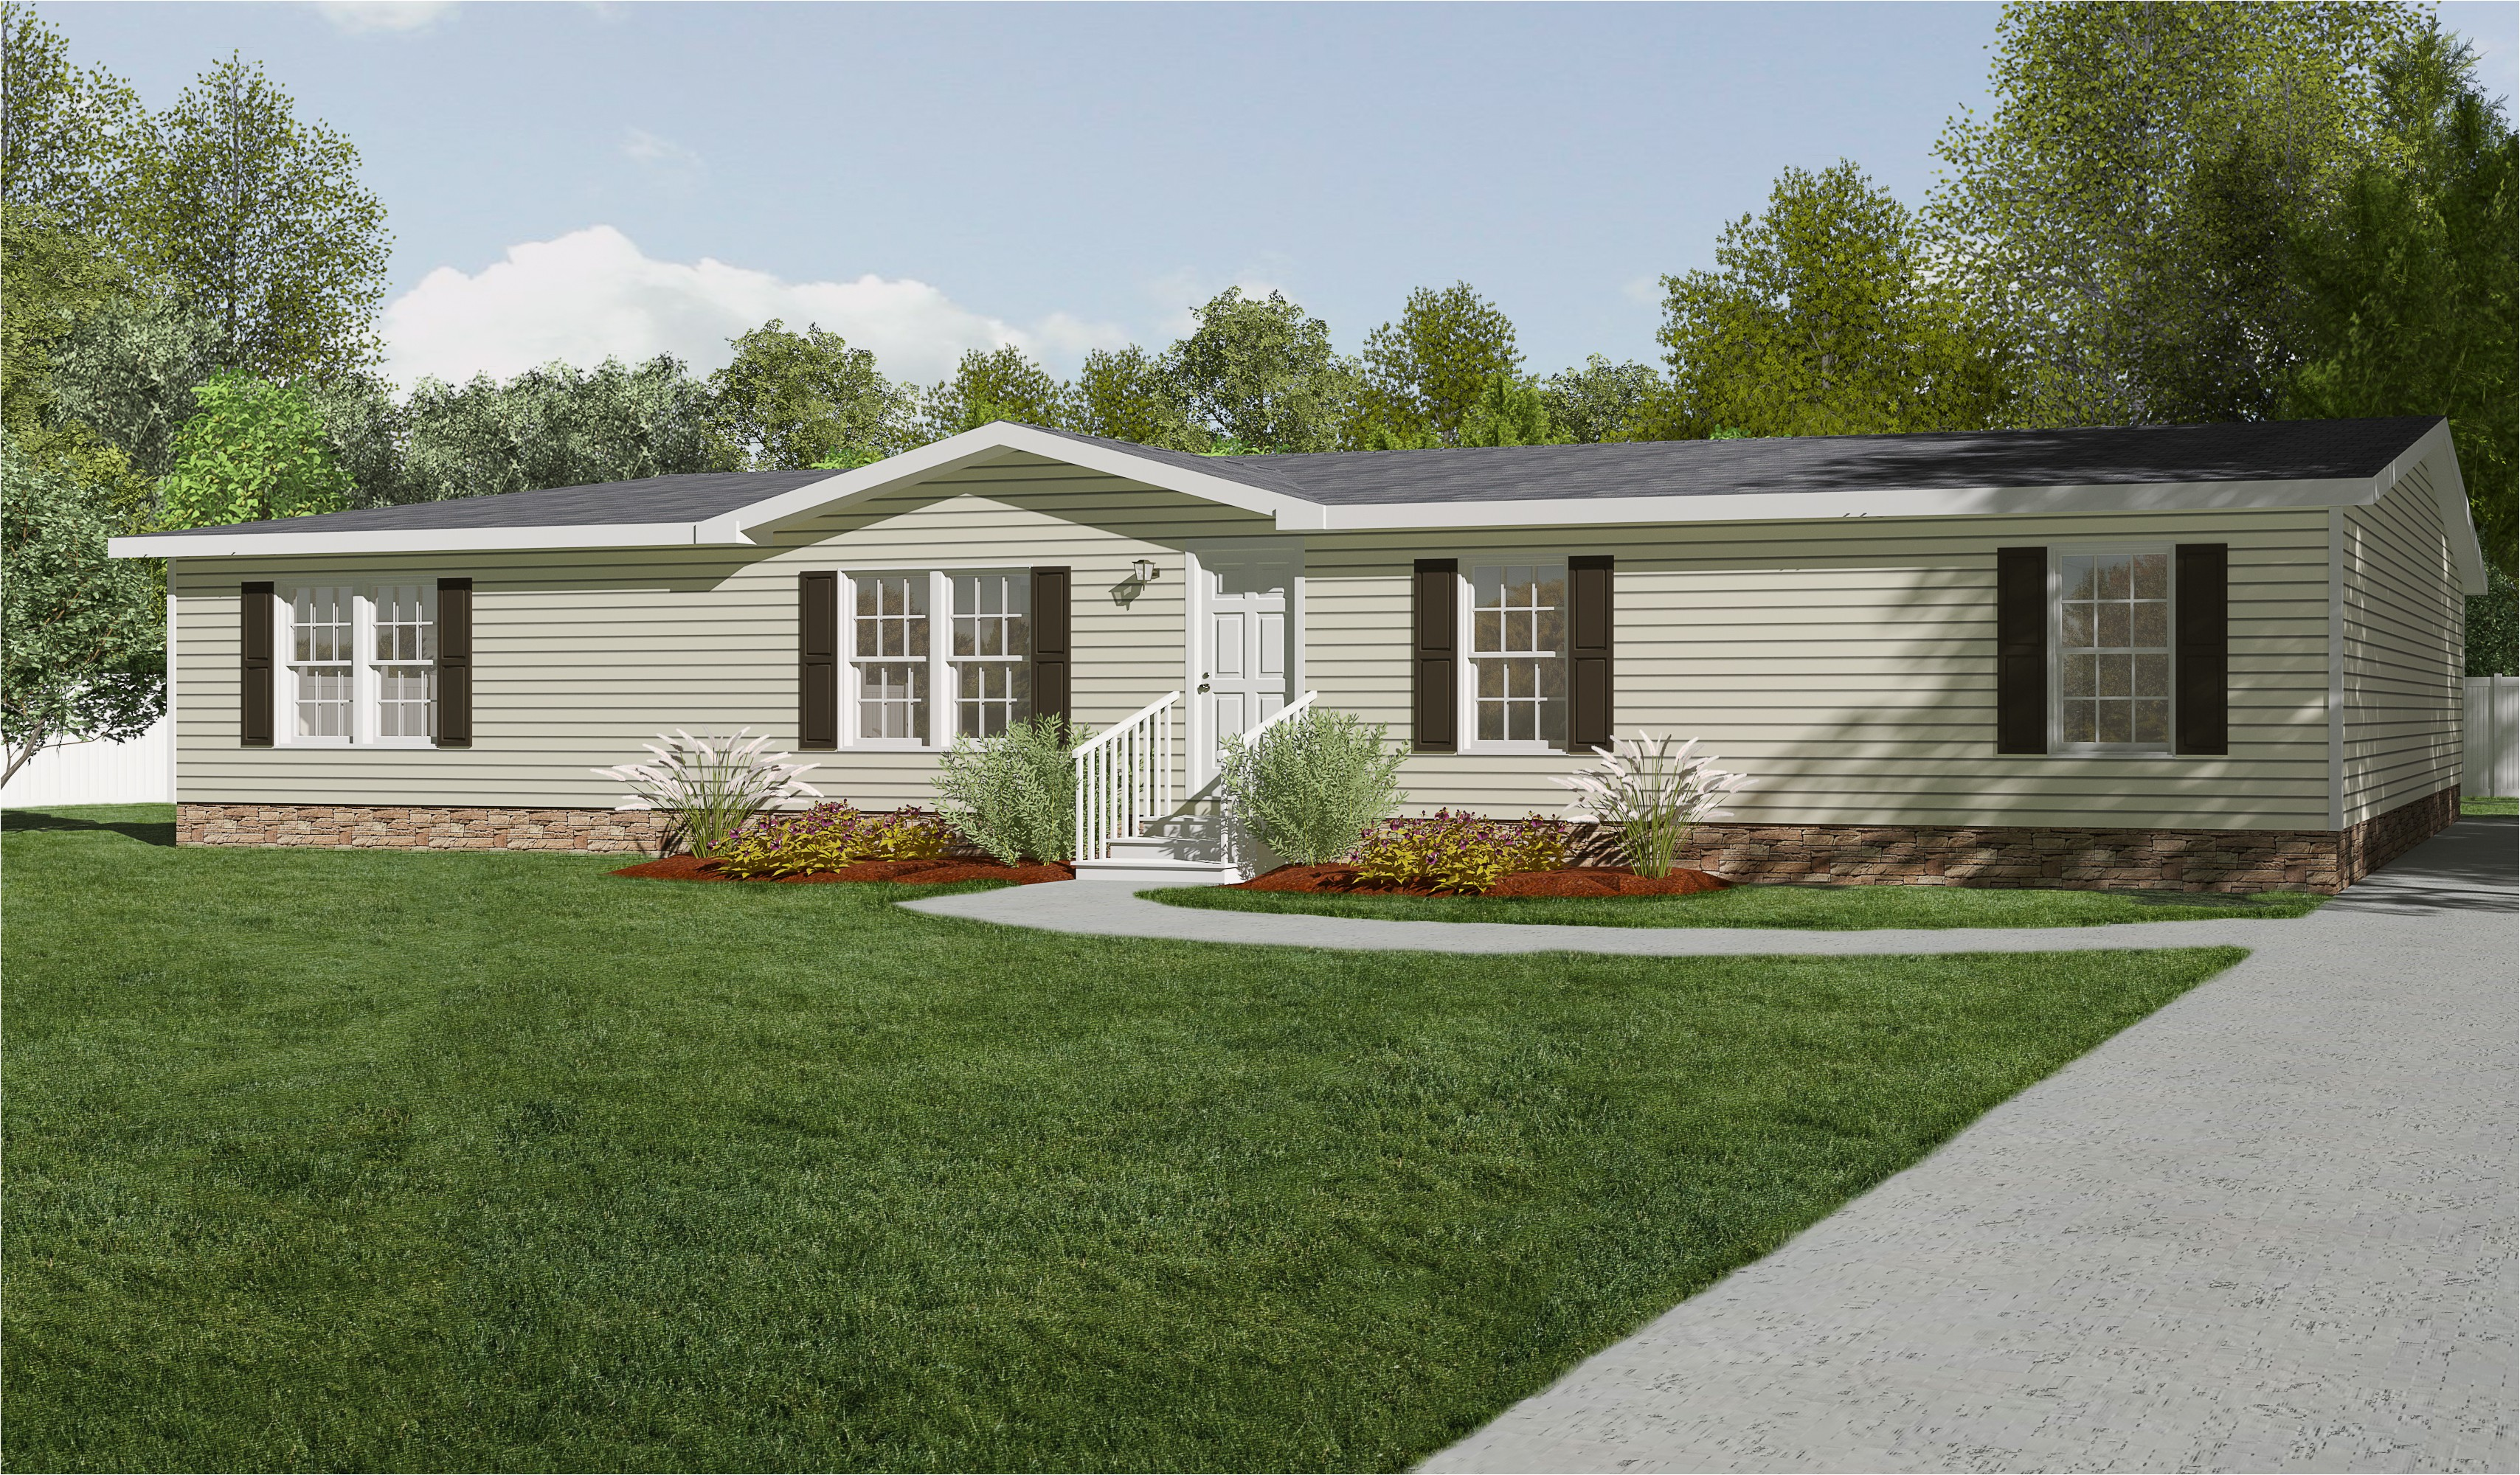 clayton homes 1020172